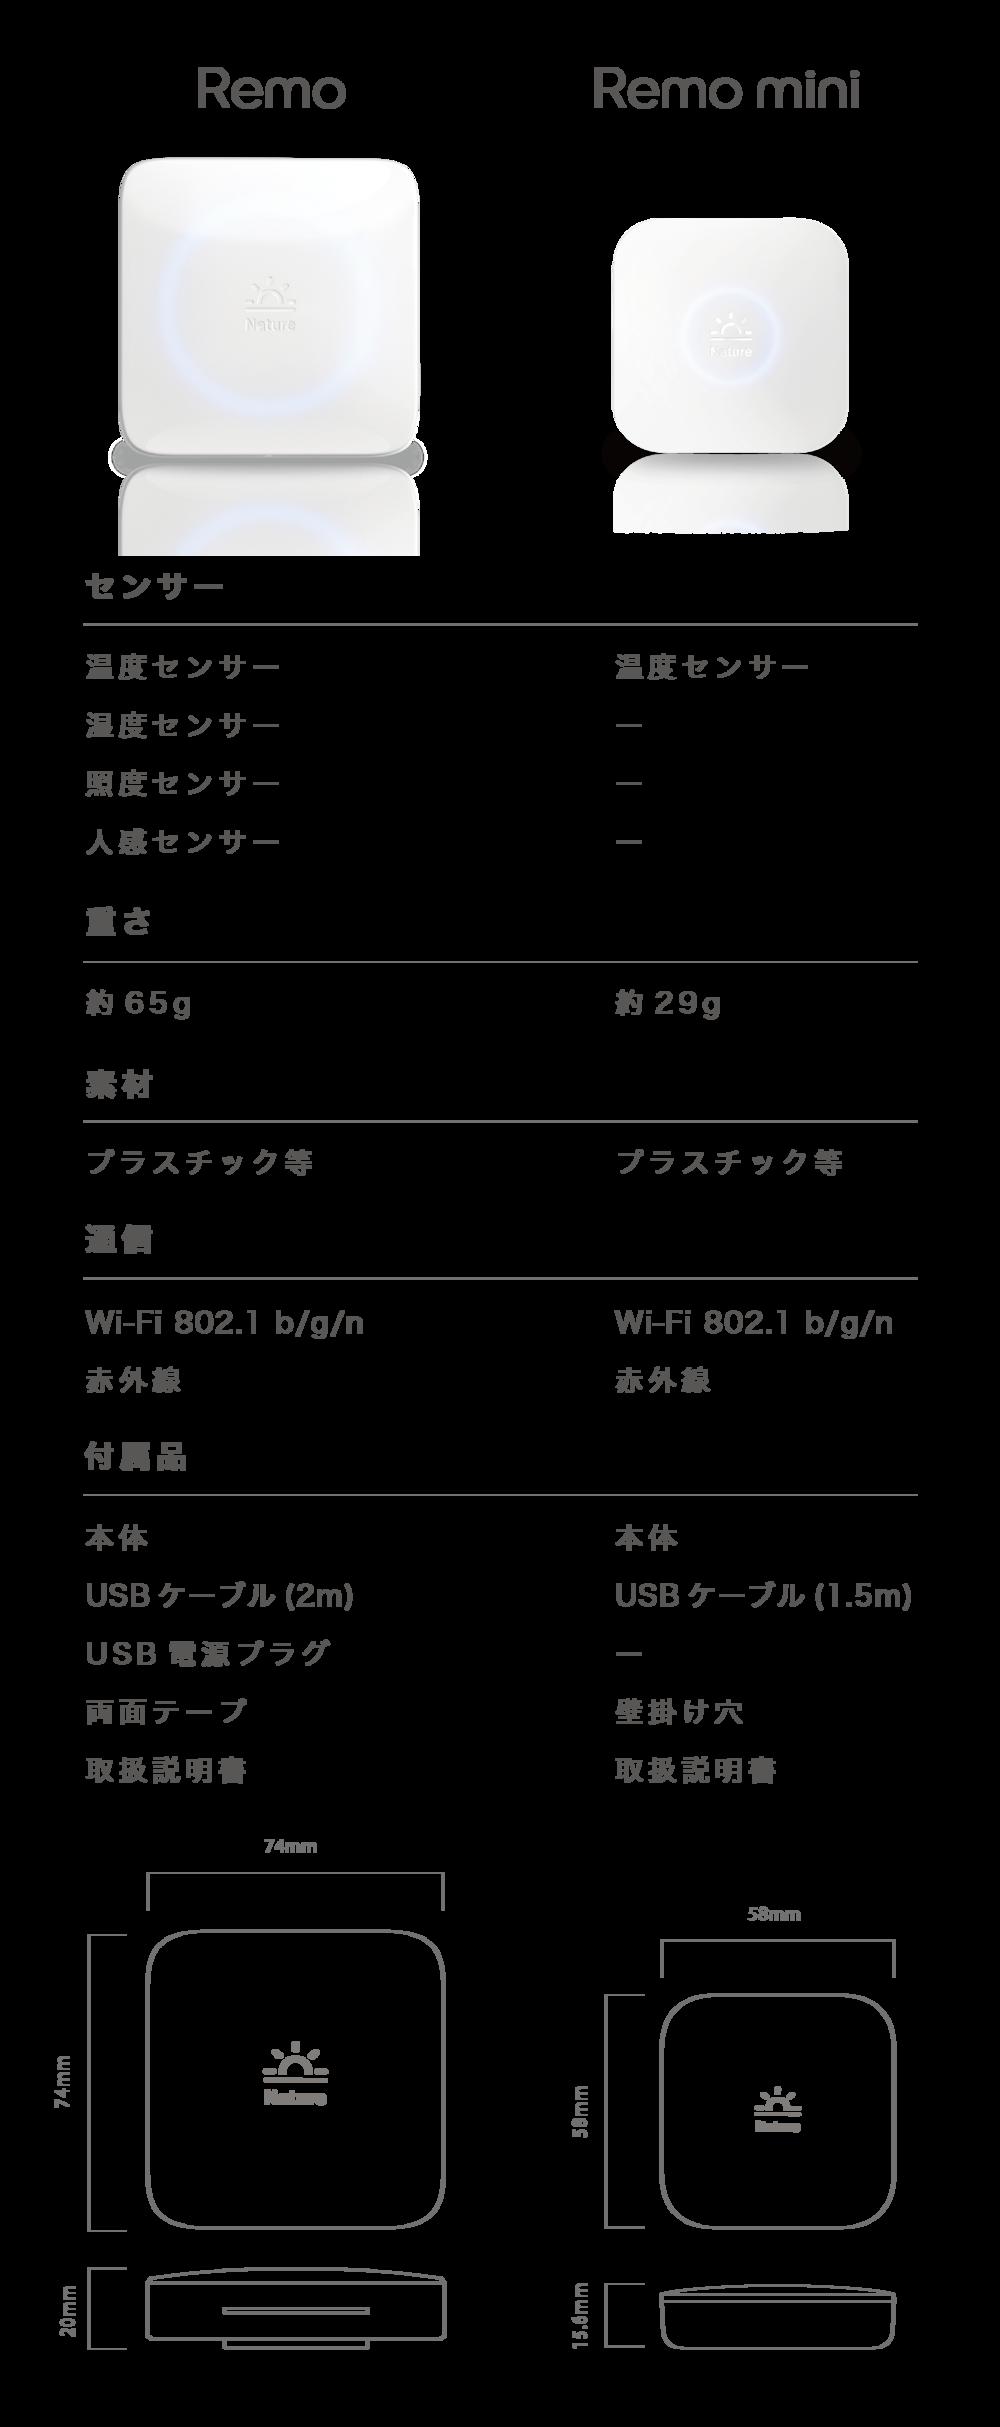 プレスリリース_機能比較-01.png